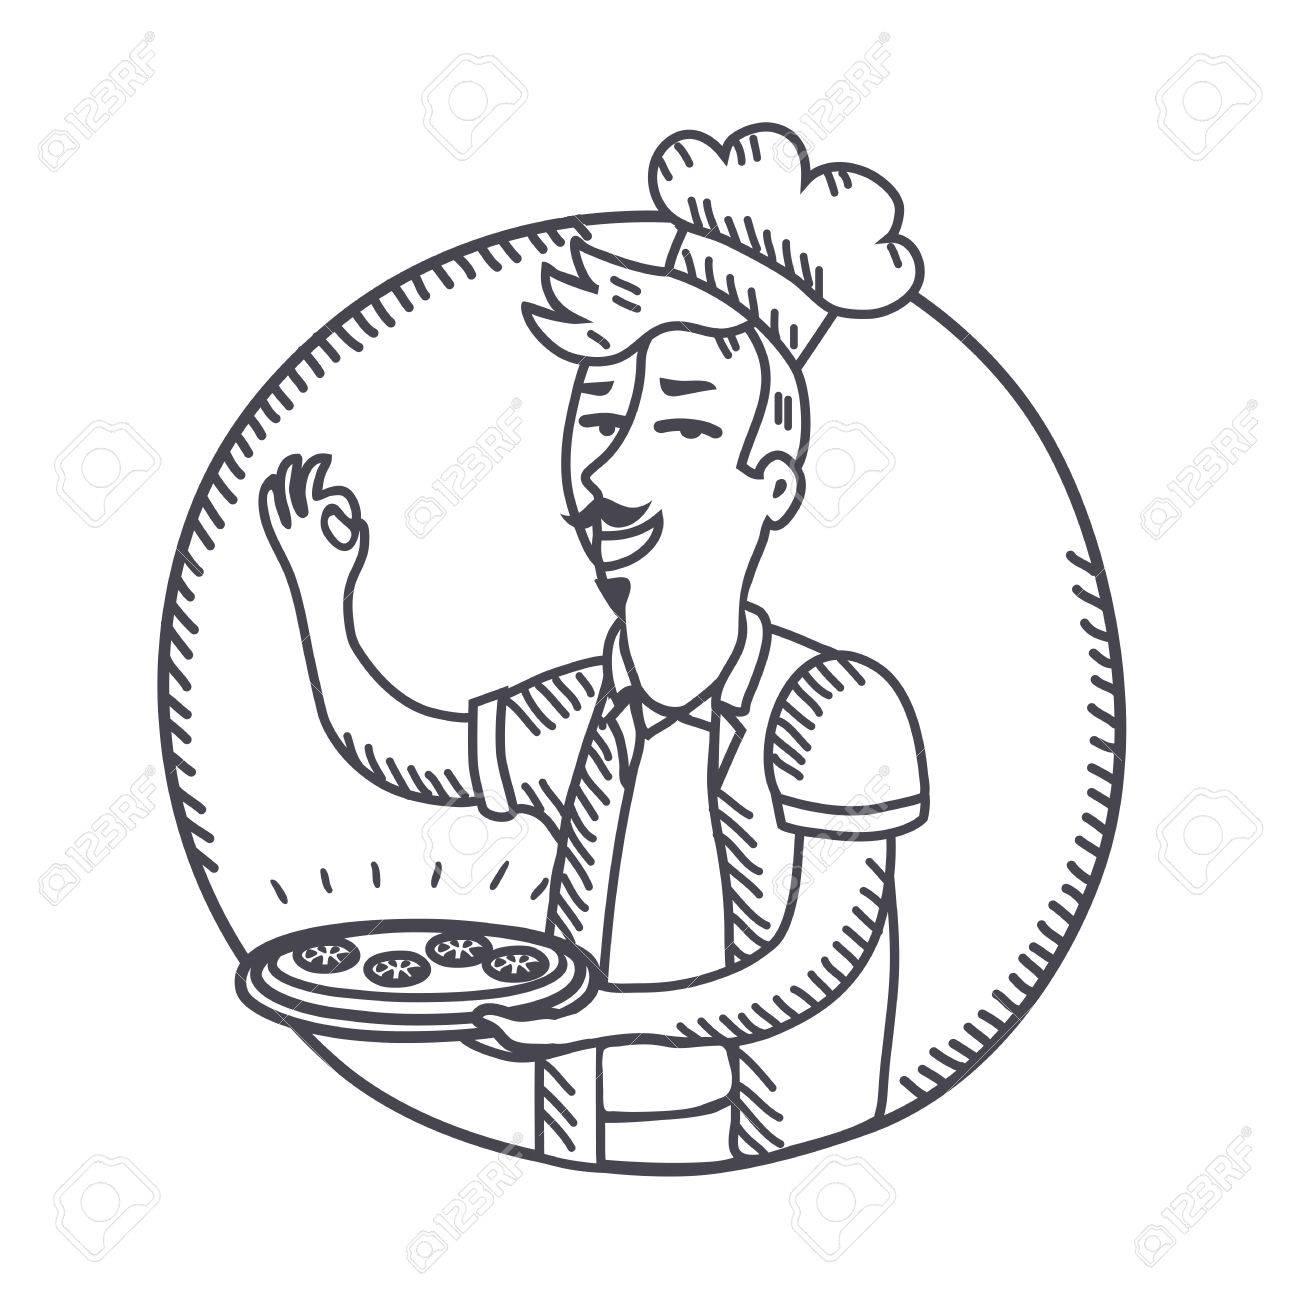 Vektor Umriss Schwarz Weiß Abbildung Der Chef Der Einen Teller Mit